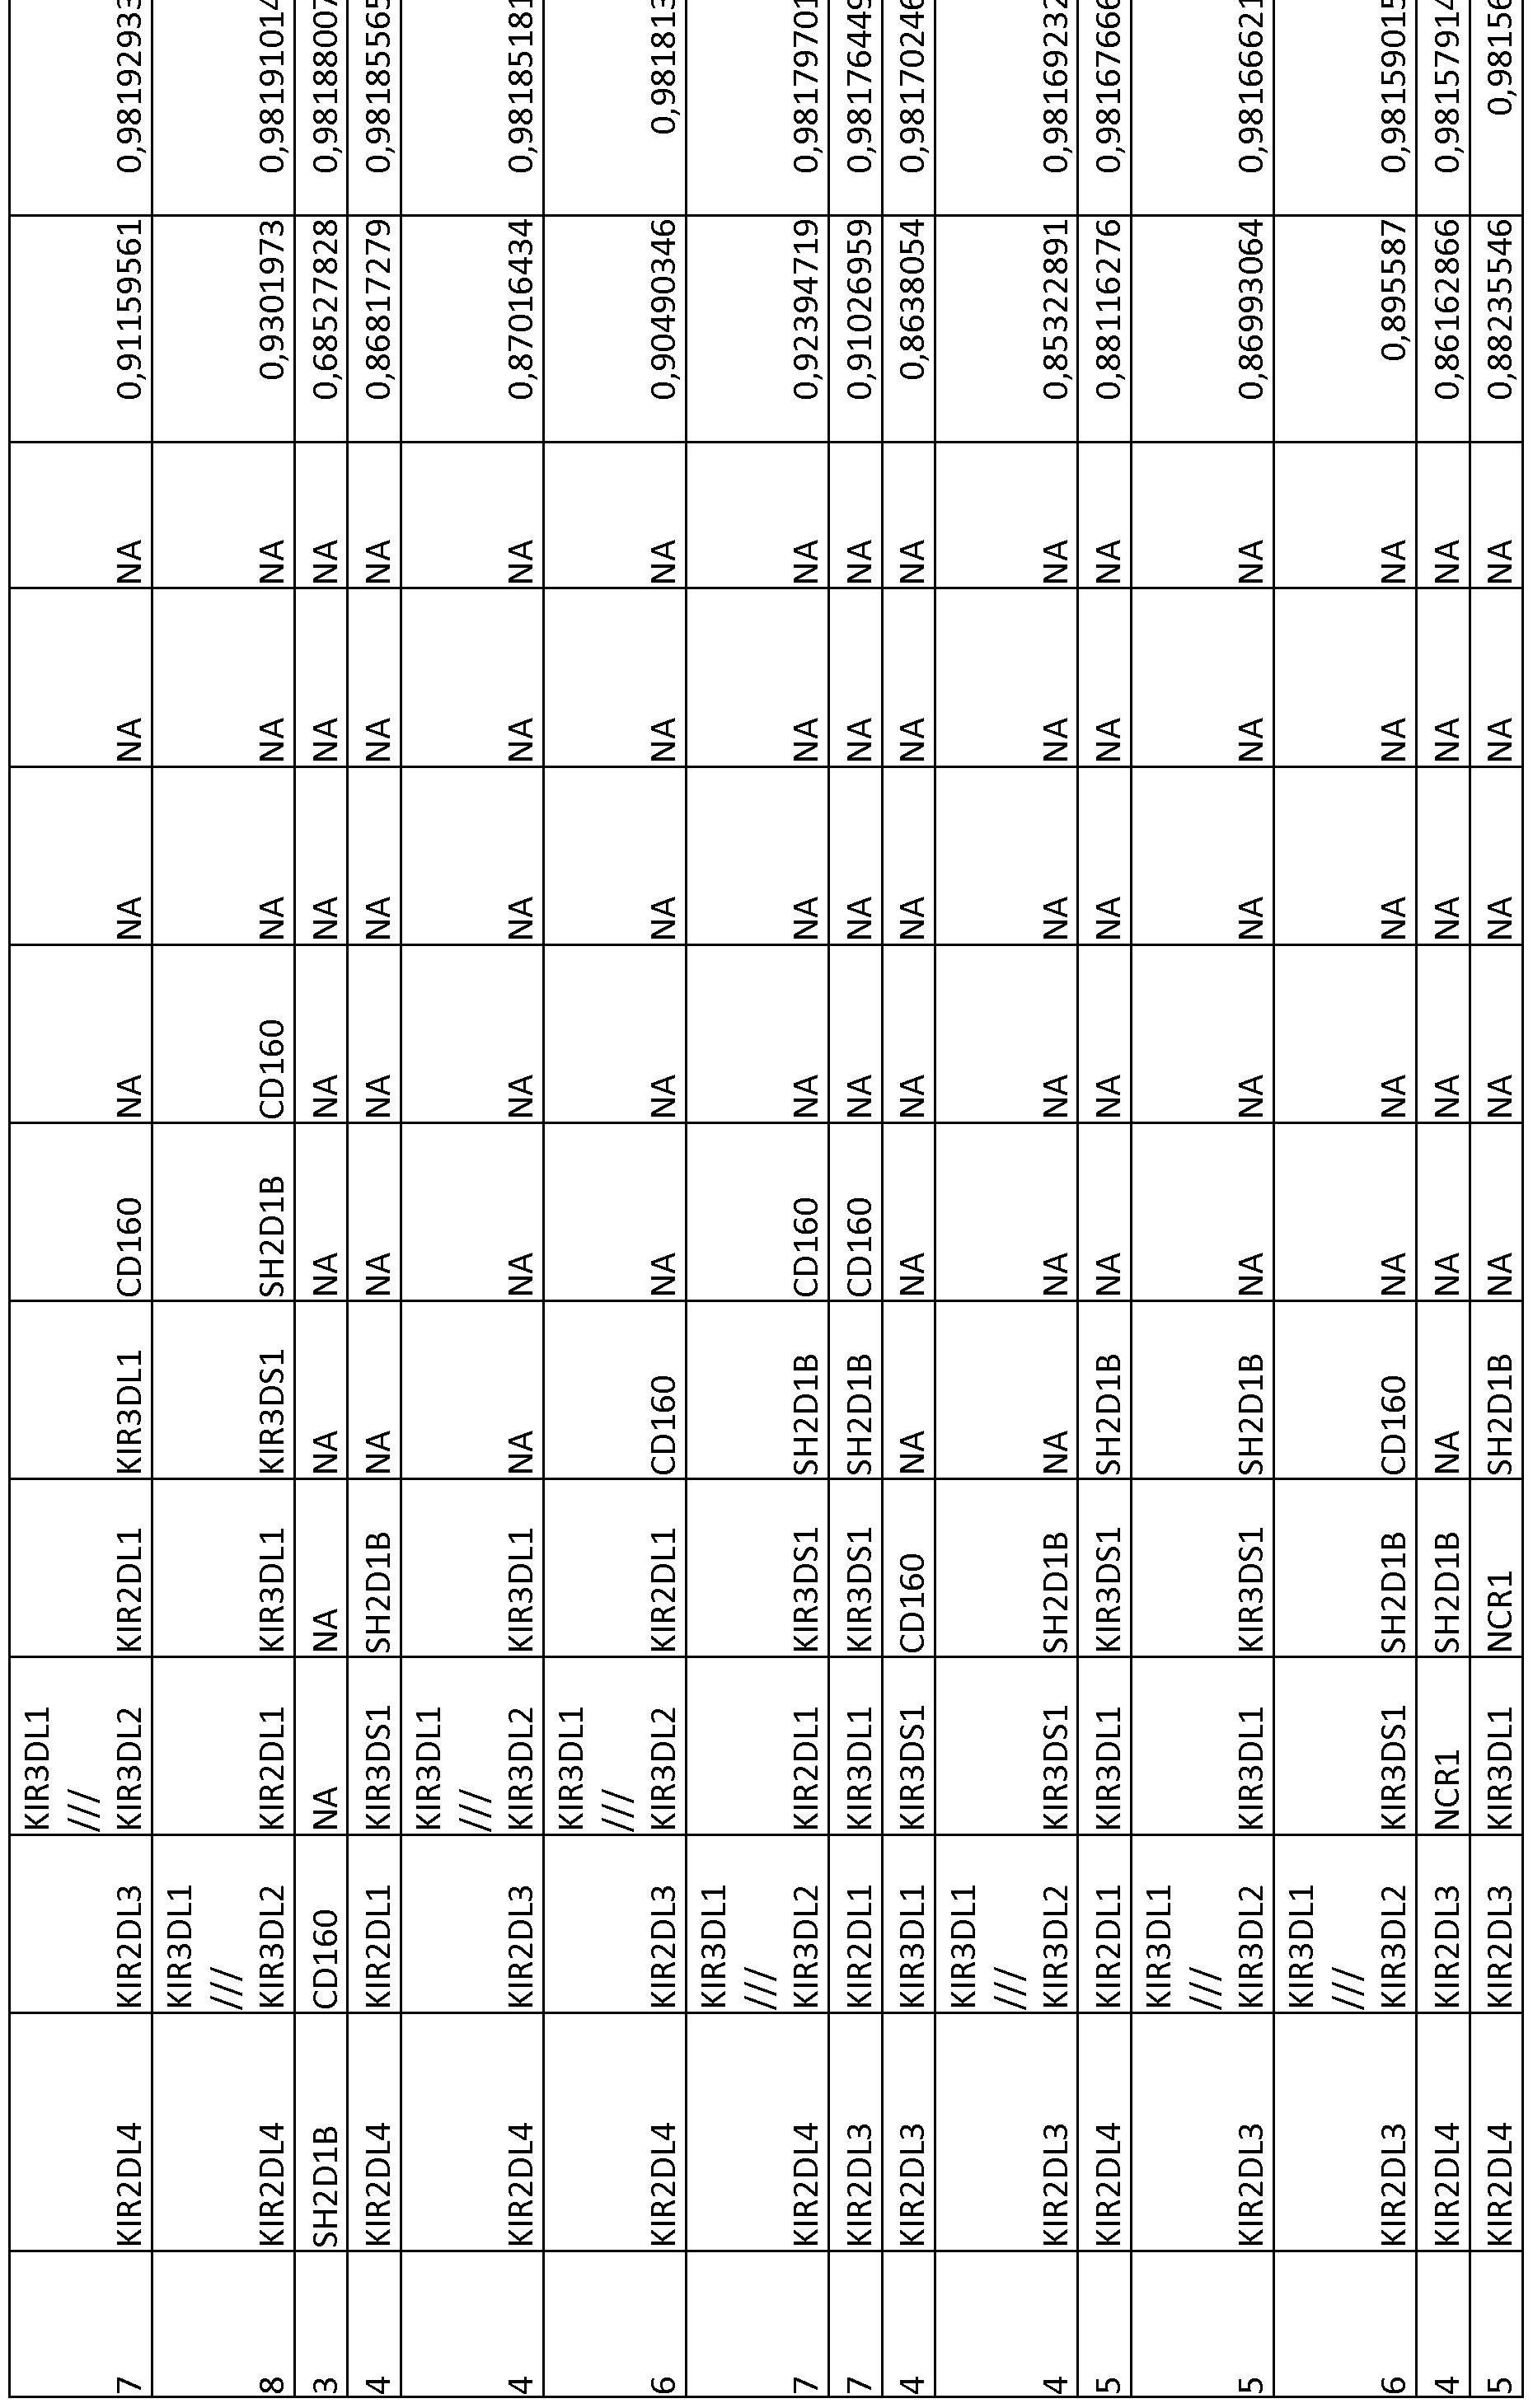 Figure imgf000199_0001